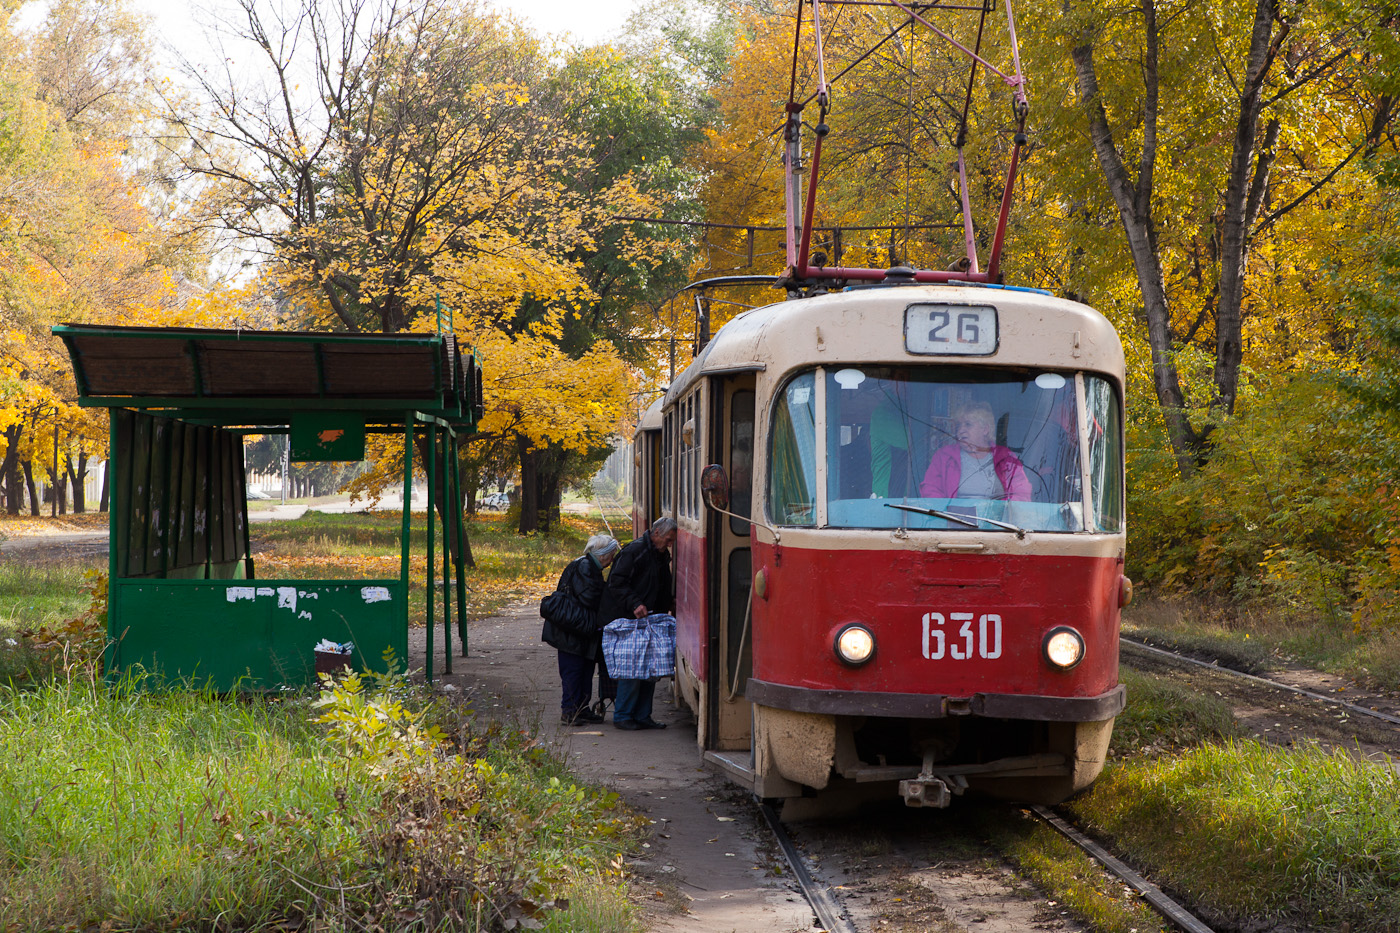 Strassenbahnwagen an einer Haltestelle im Wald